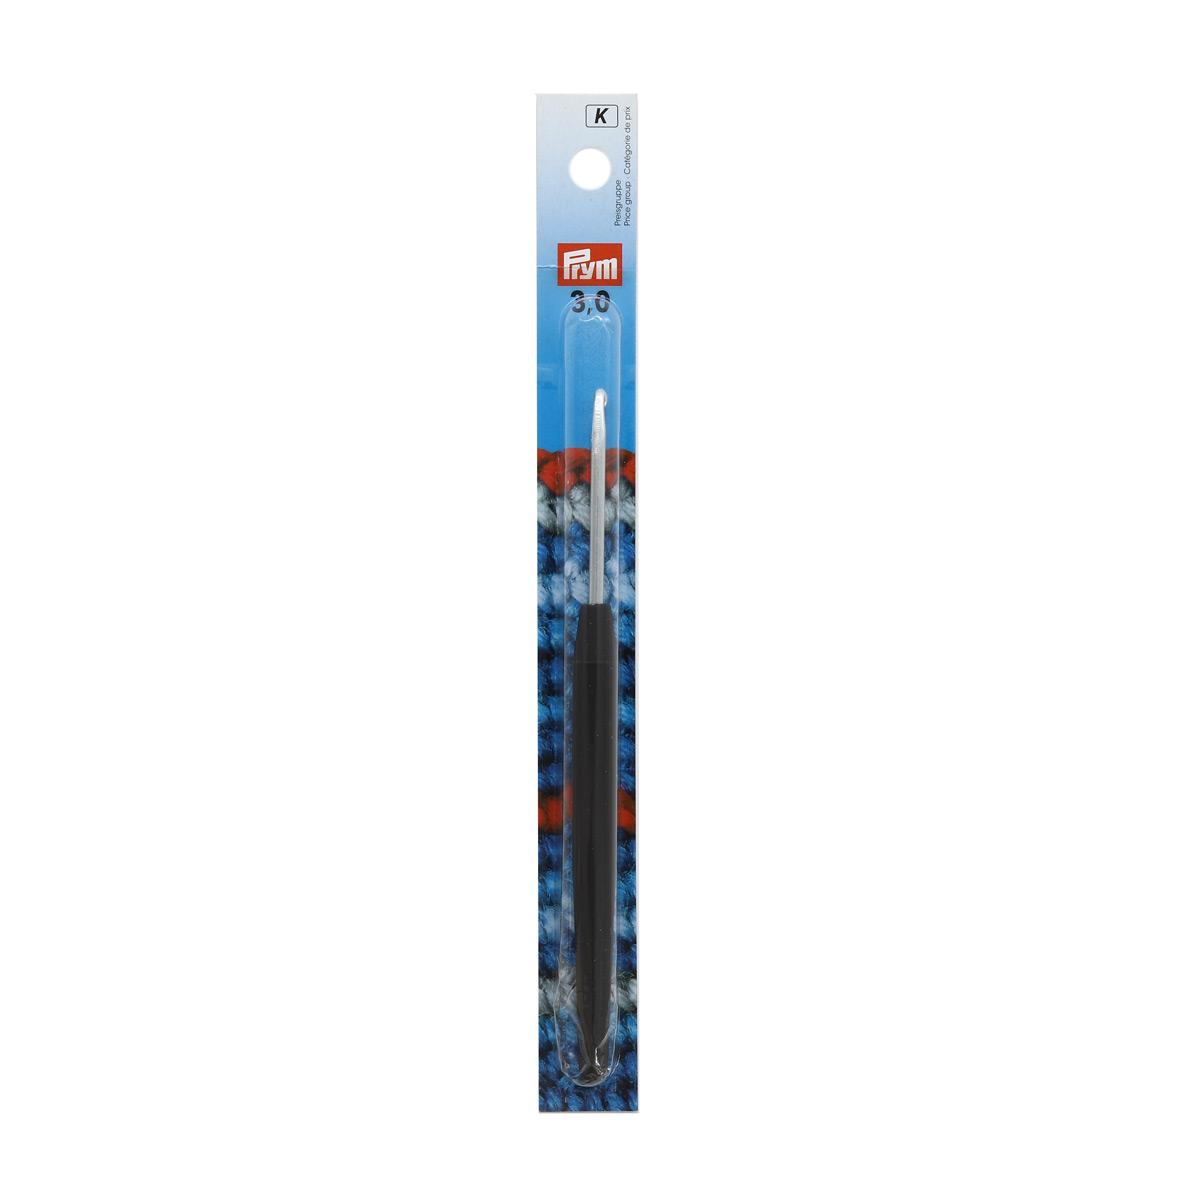 195174 Крючок для вязания с цветной ручкой, алюминий, 3,0 мм*14 см, Prym